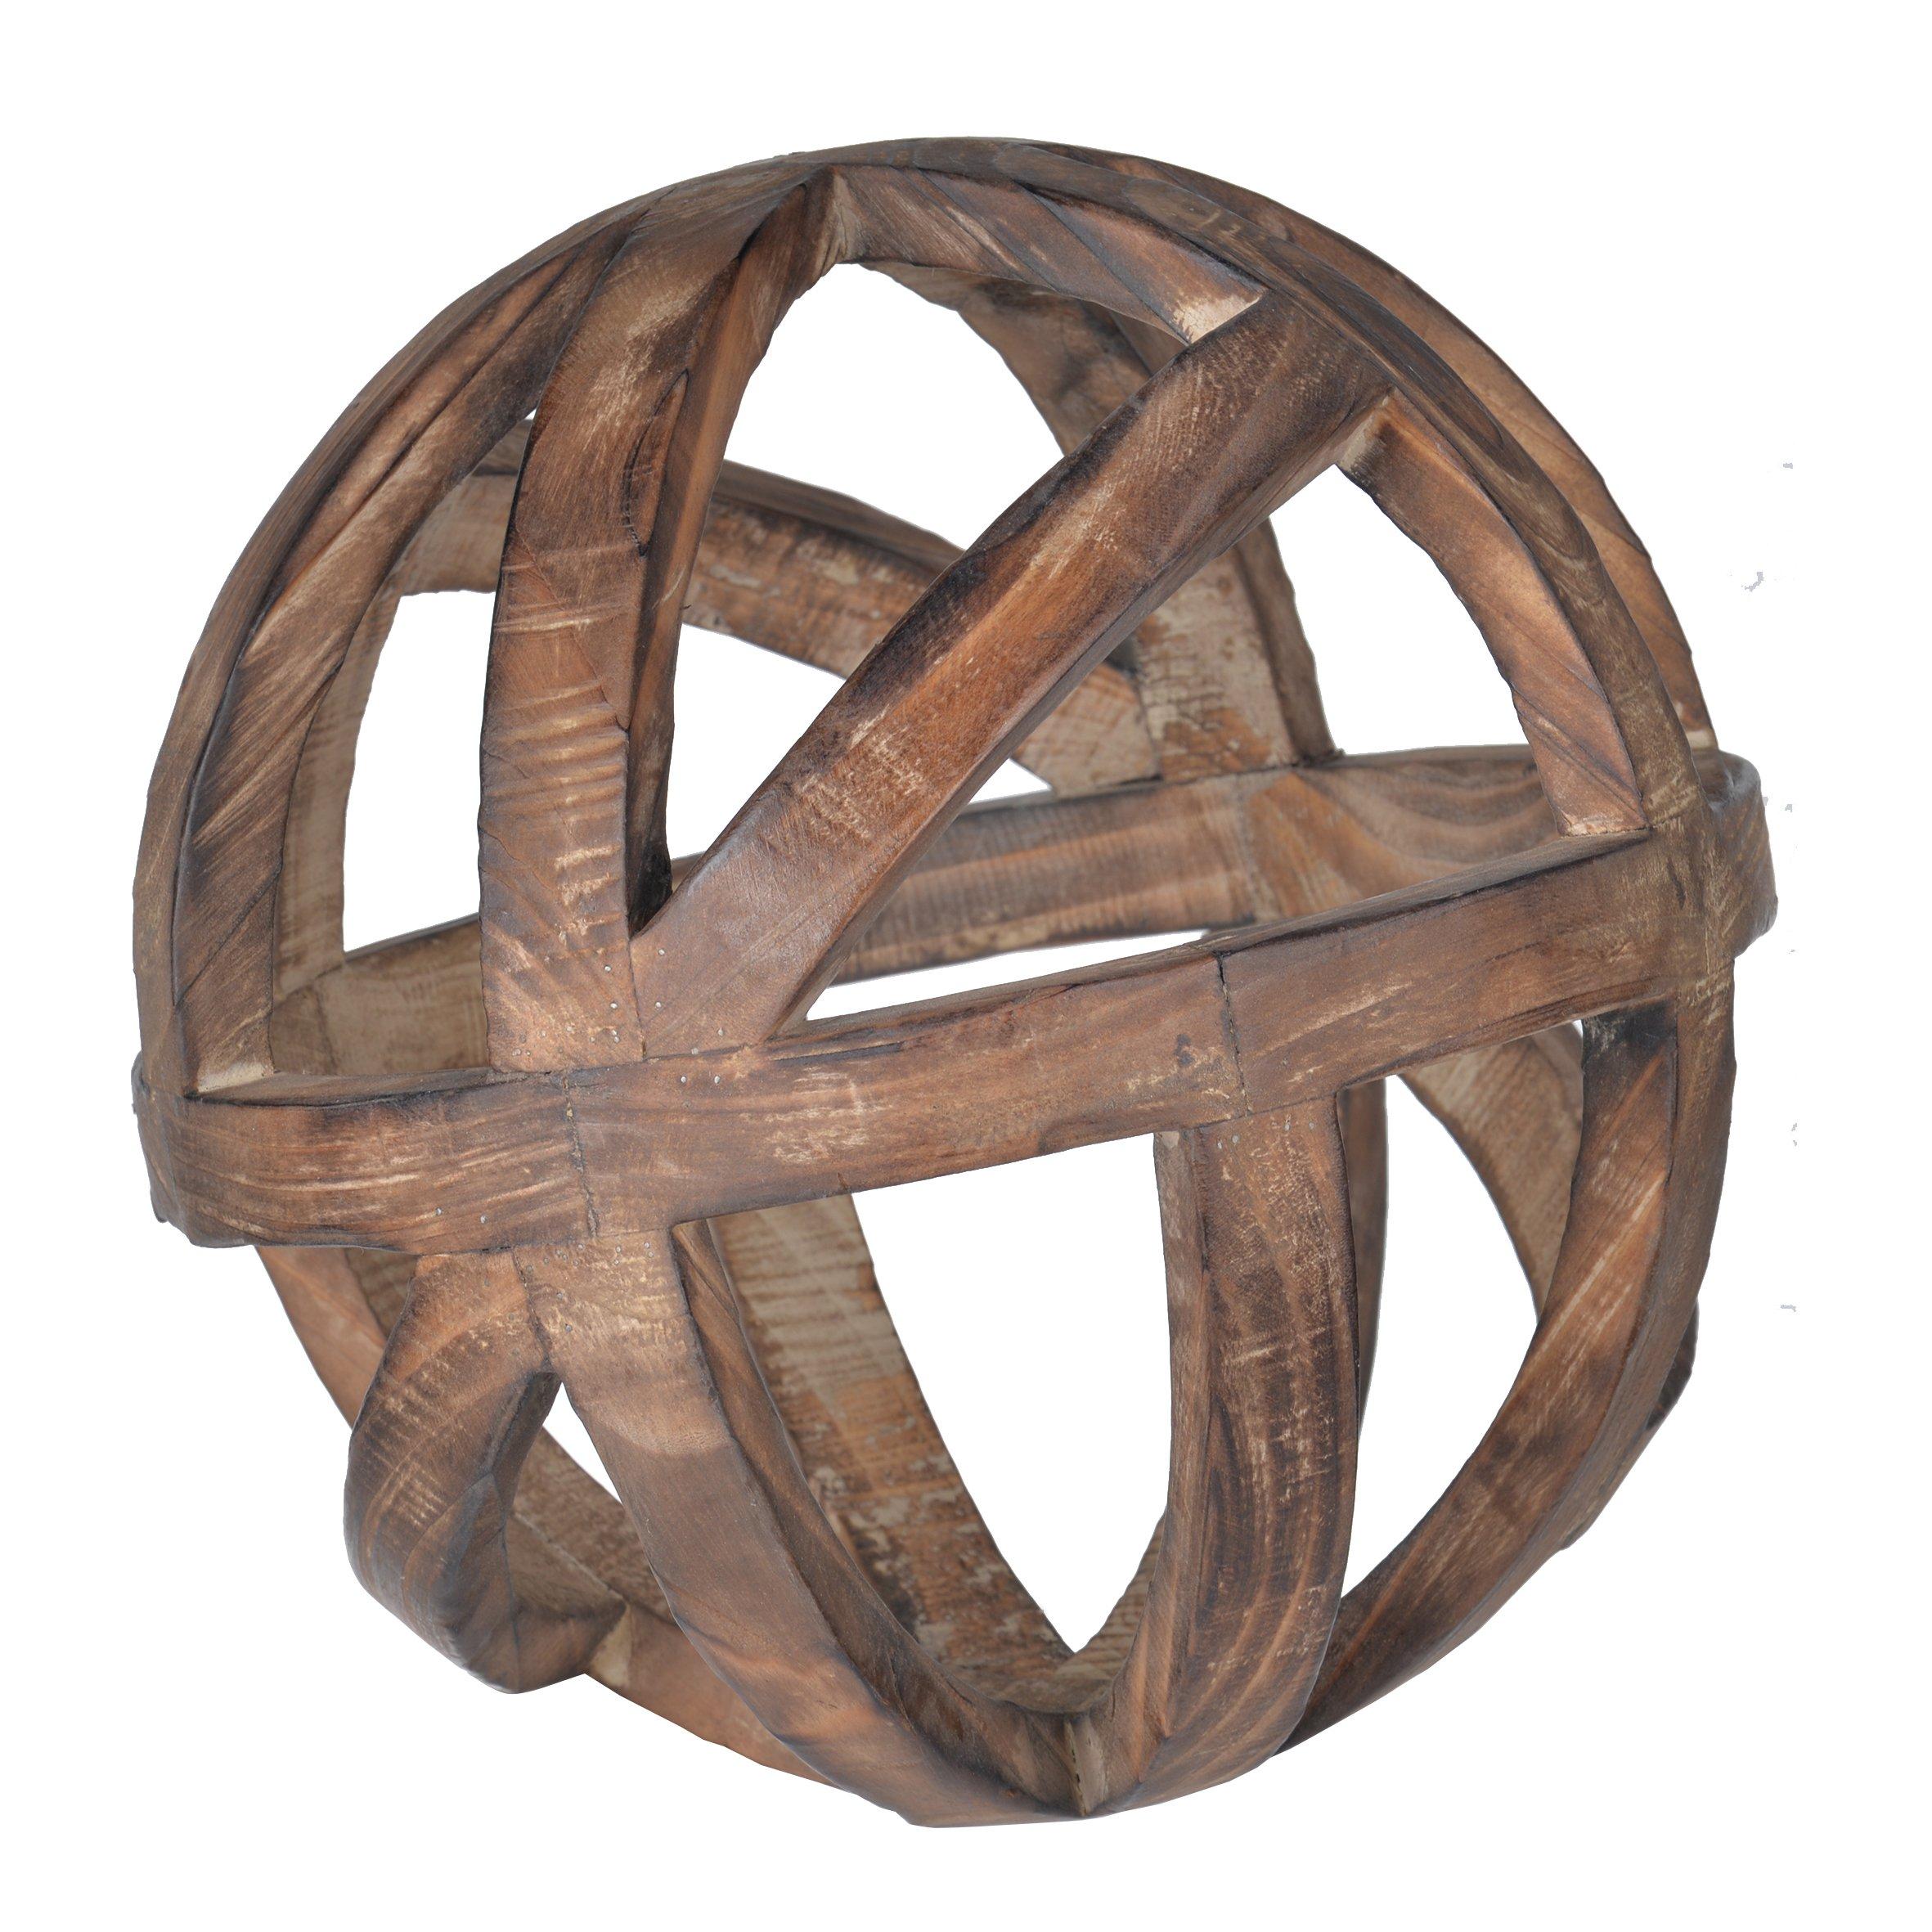 A&B AV42506-AB D10 Decorative Wood Ball